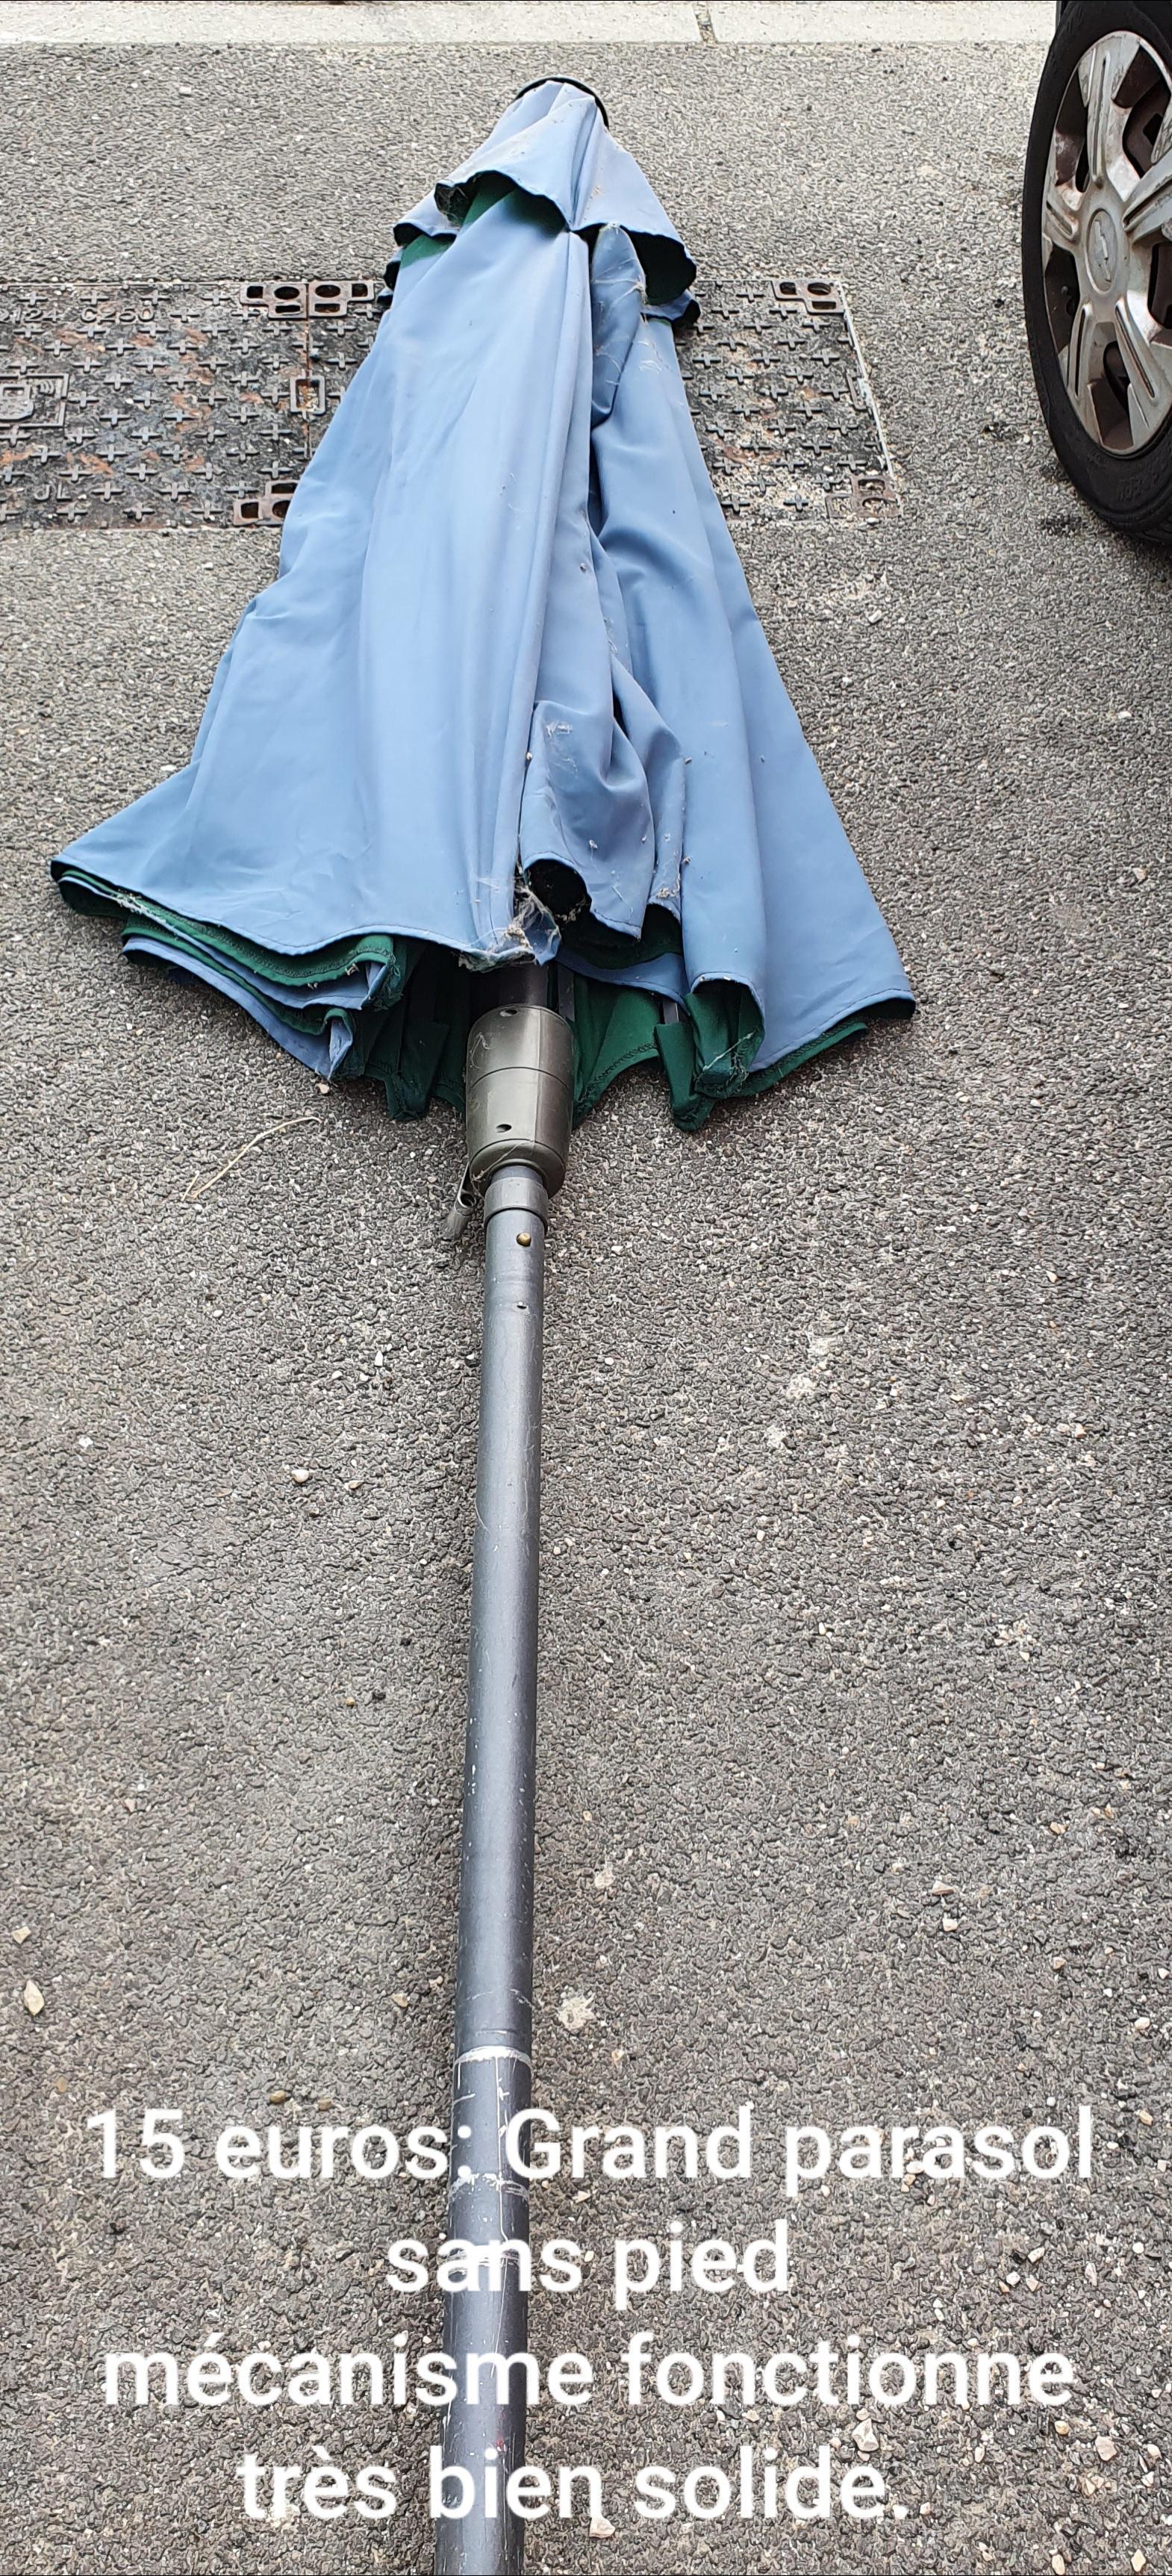 troc de troc grand parasol déporté en bon état image 1